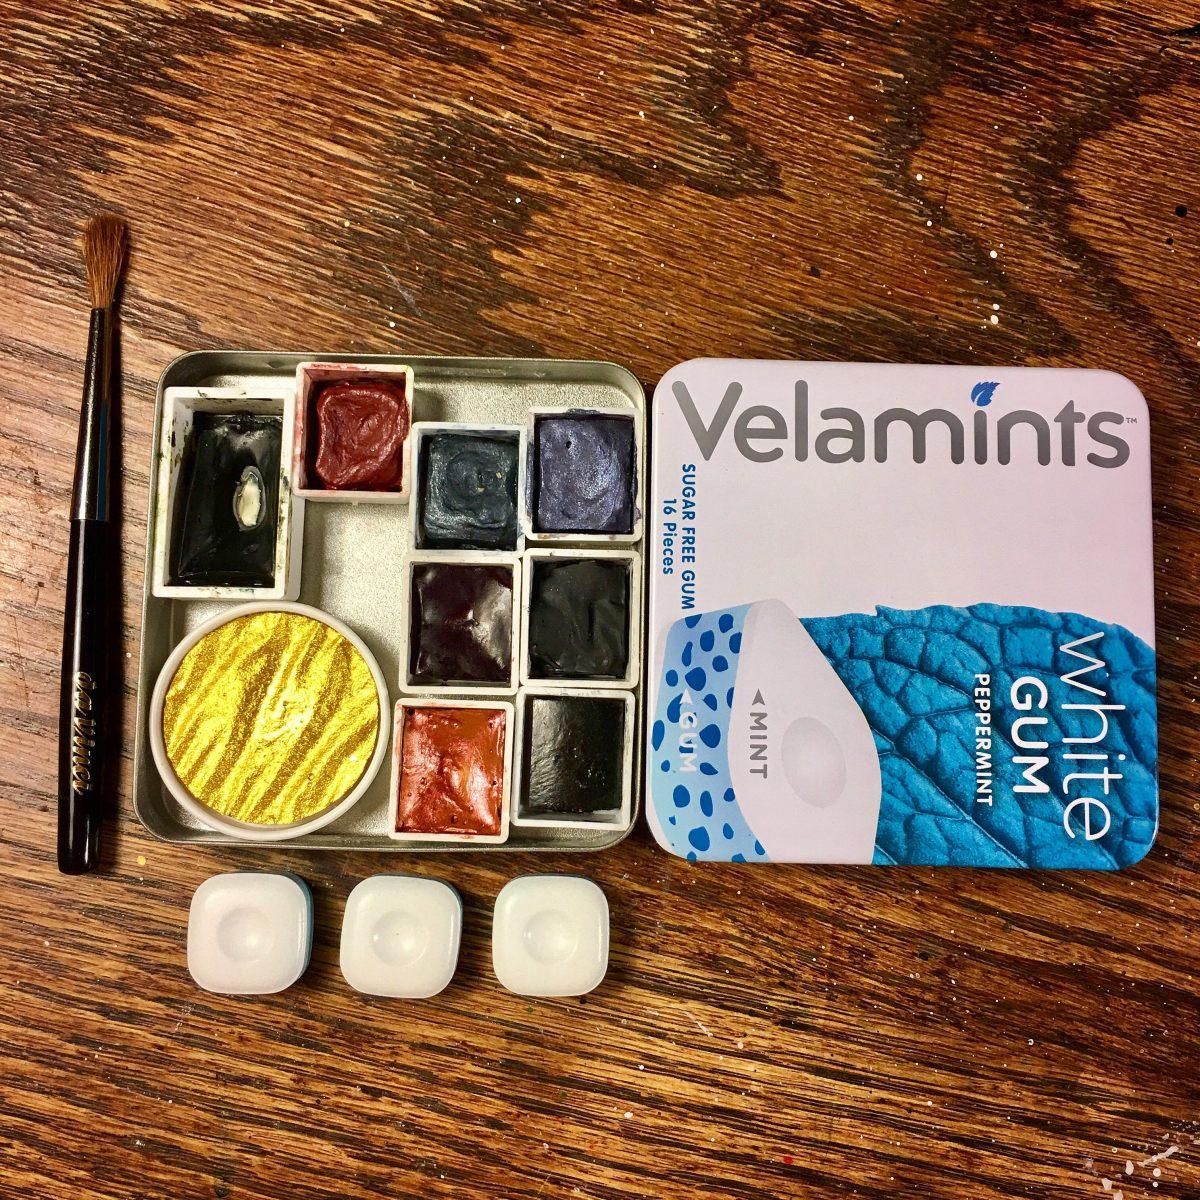 Velamints gum tin watercolor travel palette.